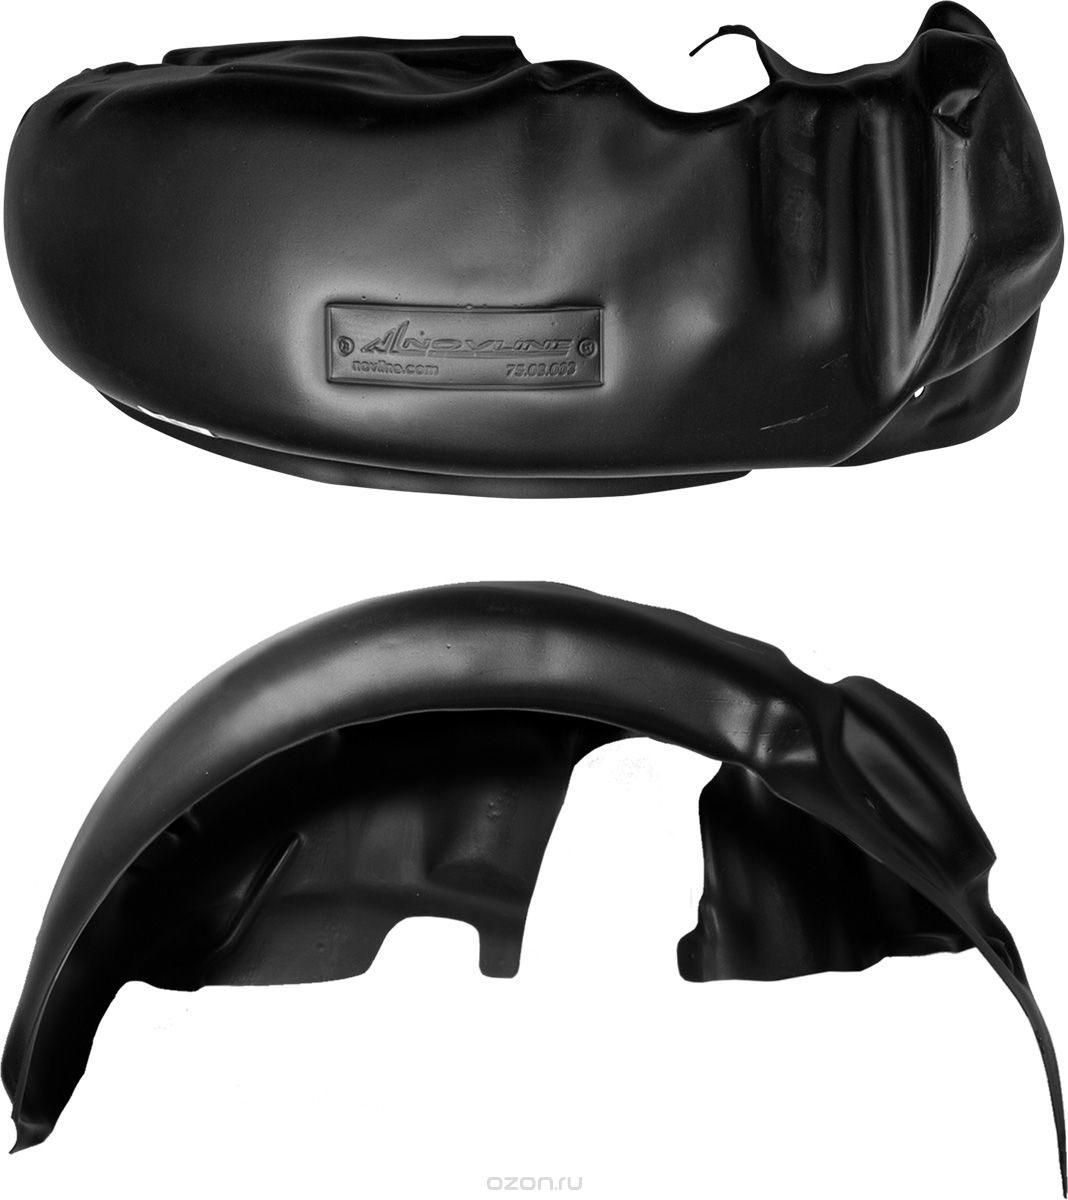 Подкрылок Novline-Autofamily, для MERCEDES-BENZ Sprinter Classic, 2013->, W905 без отопителя салона, передний правыйNLL.34.01.002Идеальная защита колесной ниши. Локеры разработаны с применением цифровых технологий, гарантируют максимальную повторяемость поверхности арки. Изделия устанавливаются без нарушения лакокрасочного покрытия автомобиля, каждый подкрылок комплектуется крепежом. Уважаемые клиенты, обращаем ваше внимание, что фотографии на подкрылки универсальные и не отражают реальную форму изделия. При этом само изделие идет точно под размер указанного автомобиля.